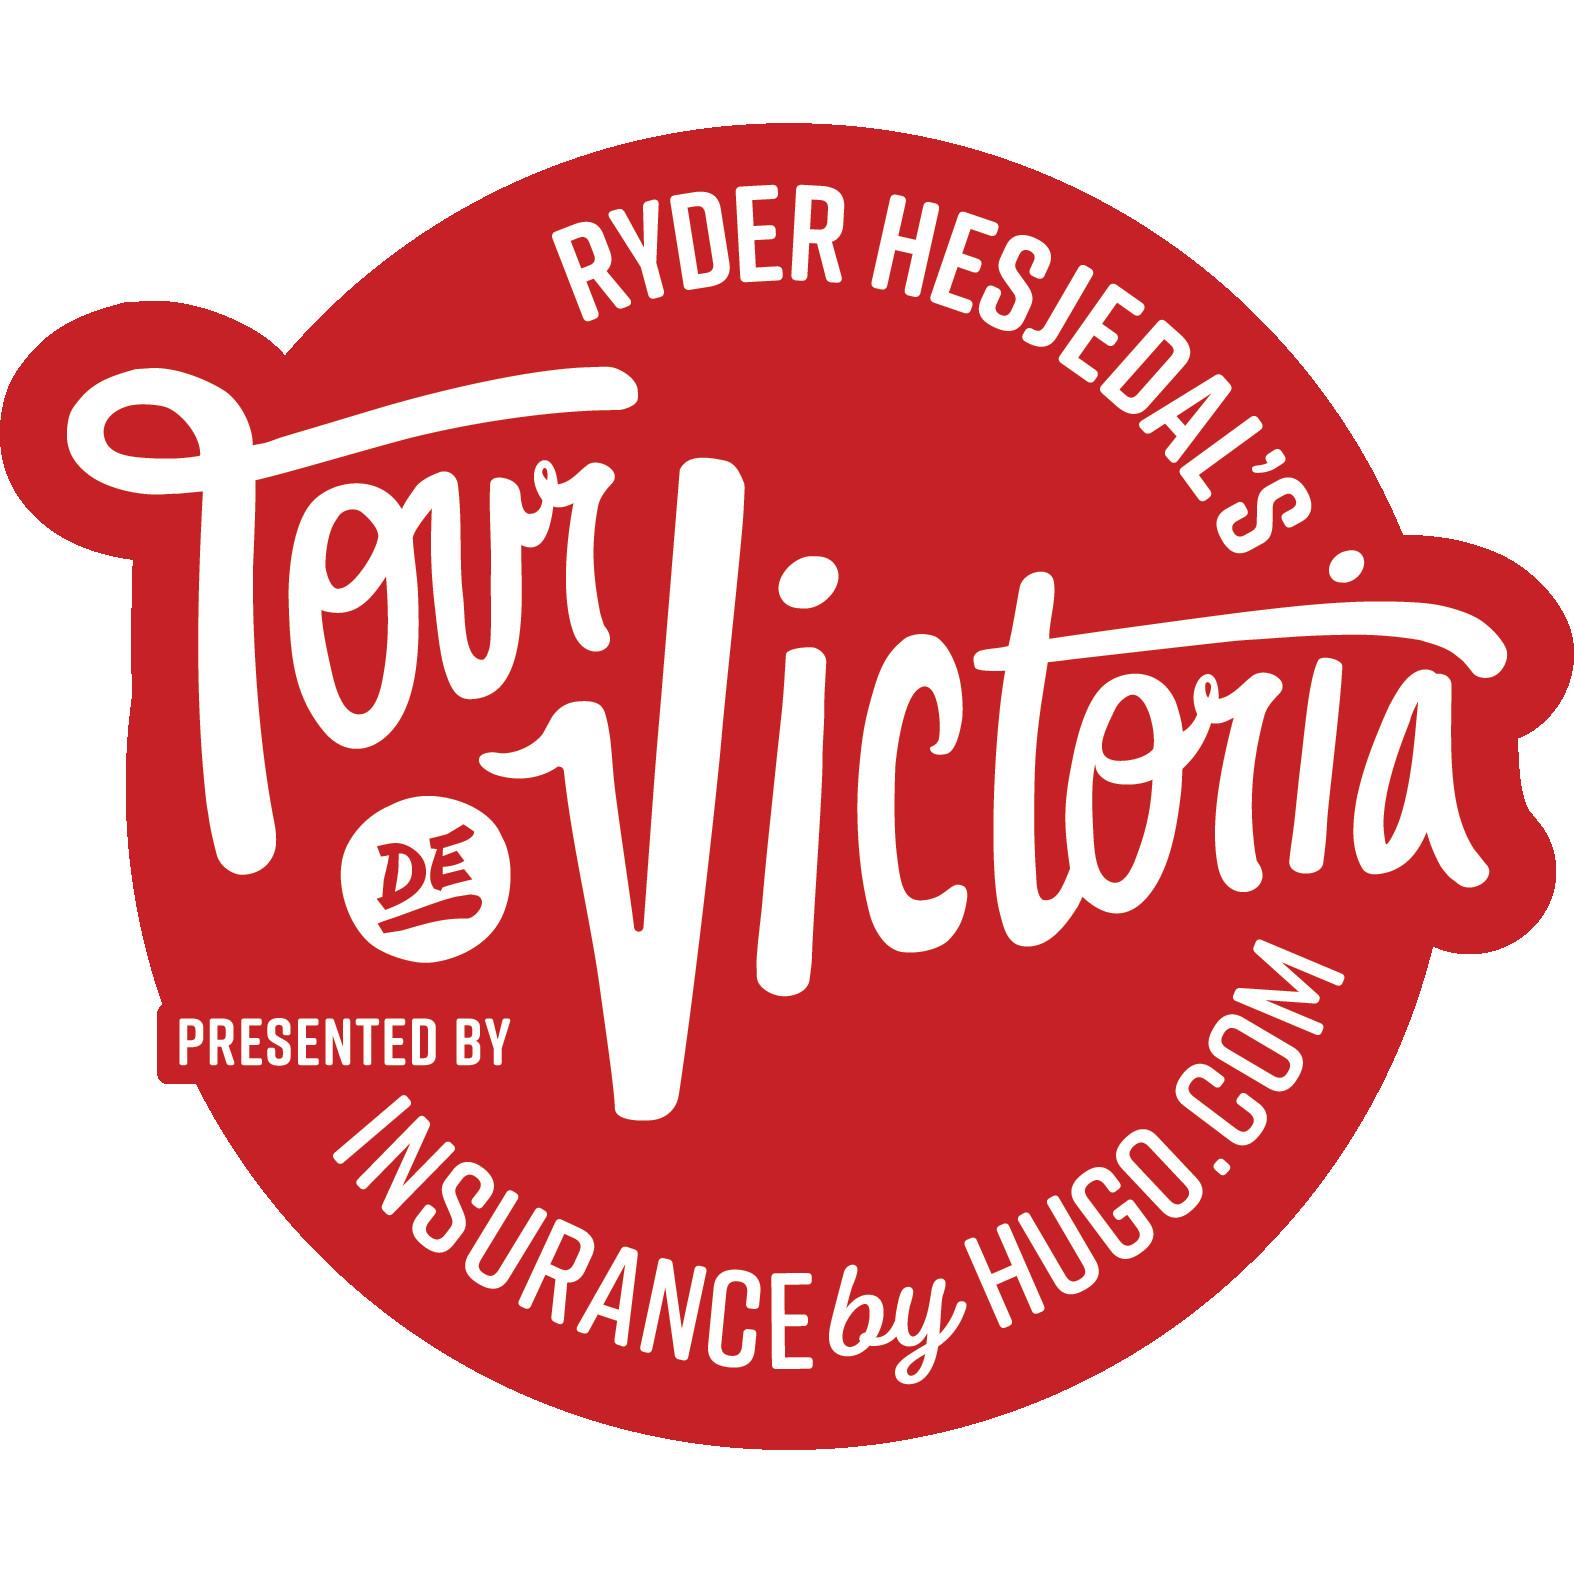 Ryder Hesjedal's Tour de Victoria presented by insurancebyhugo.com